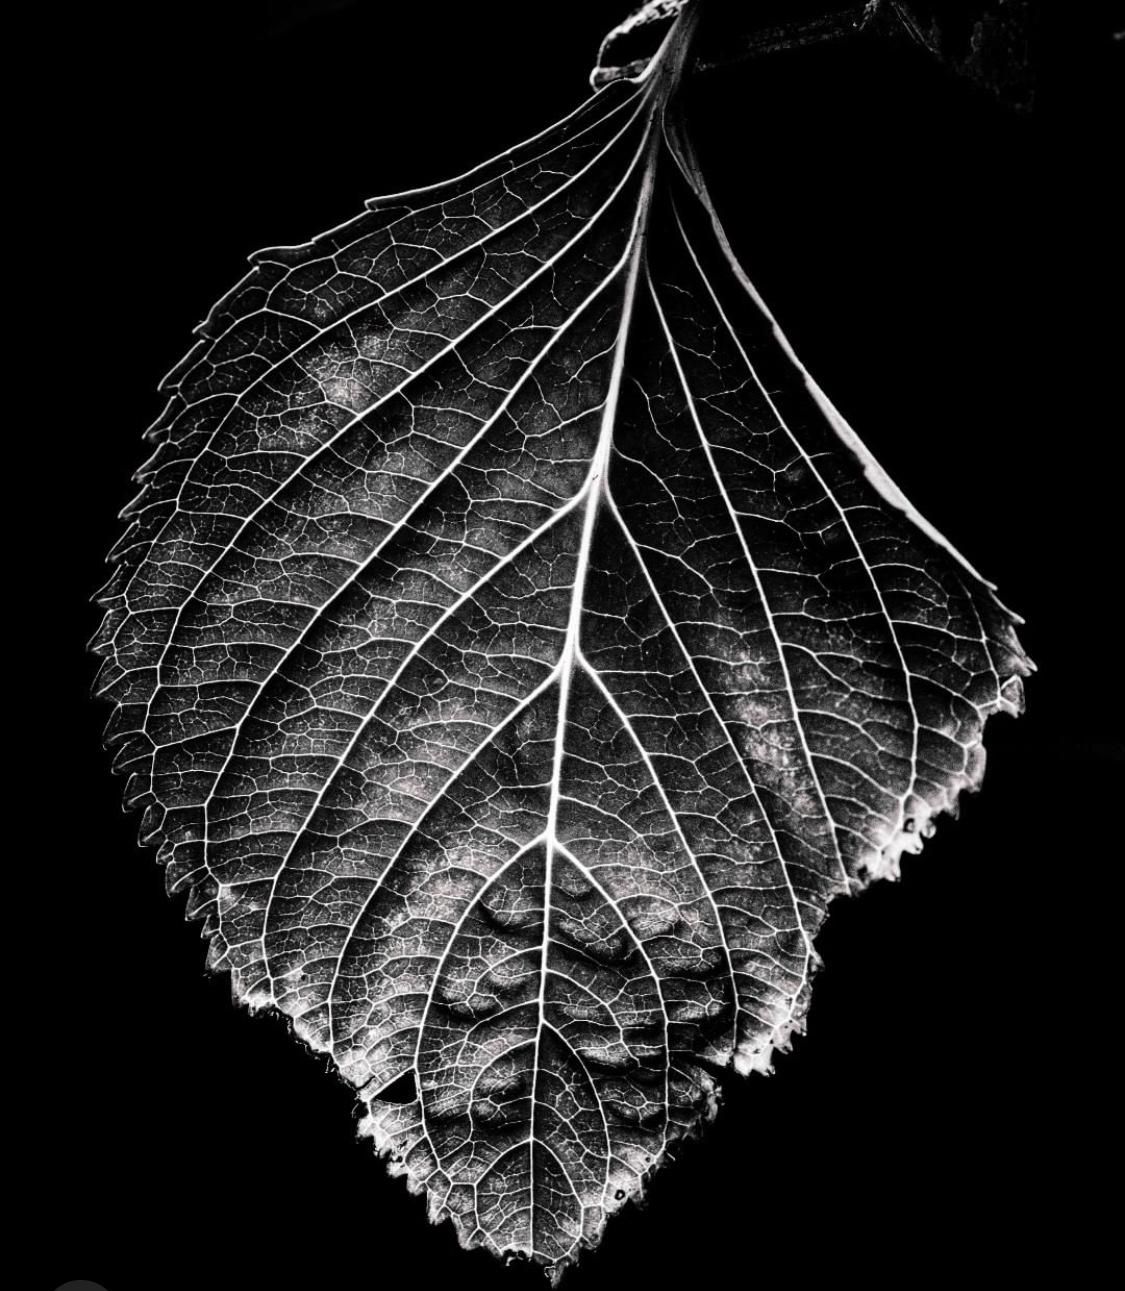 'Hydrangea Leaf'Spid Pye, A1 Print Size, Framed $1675